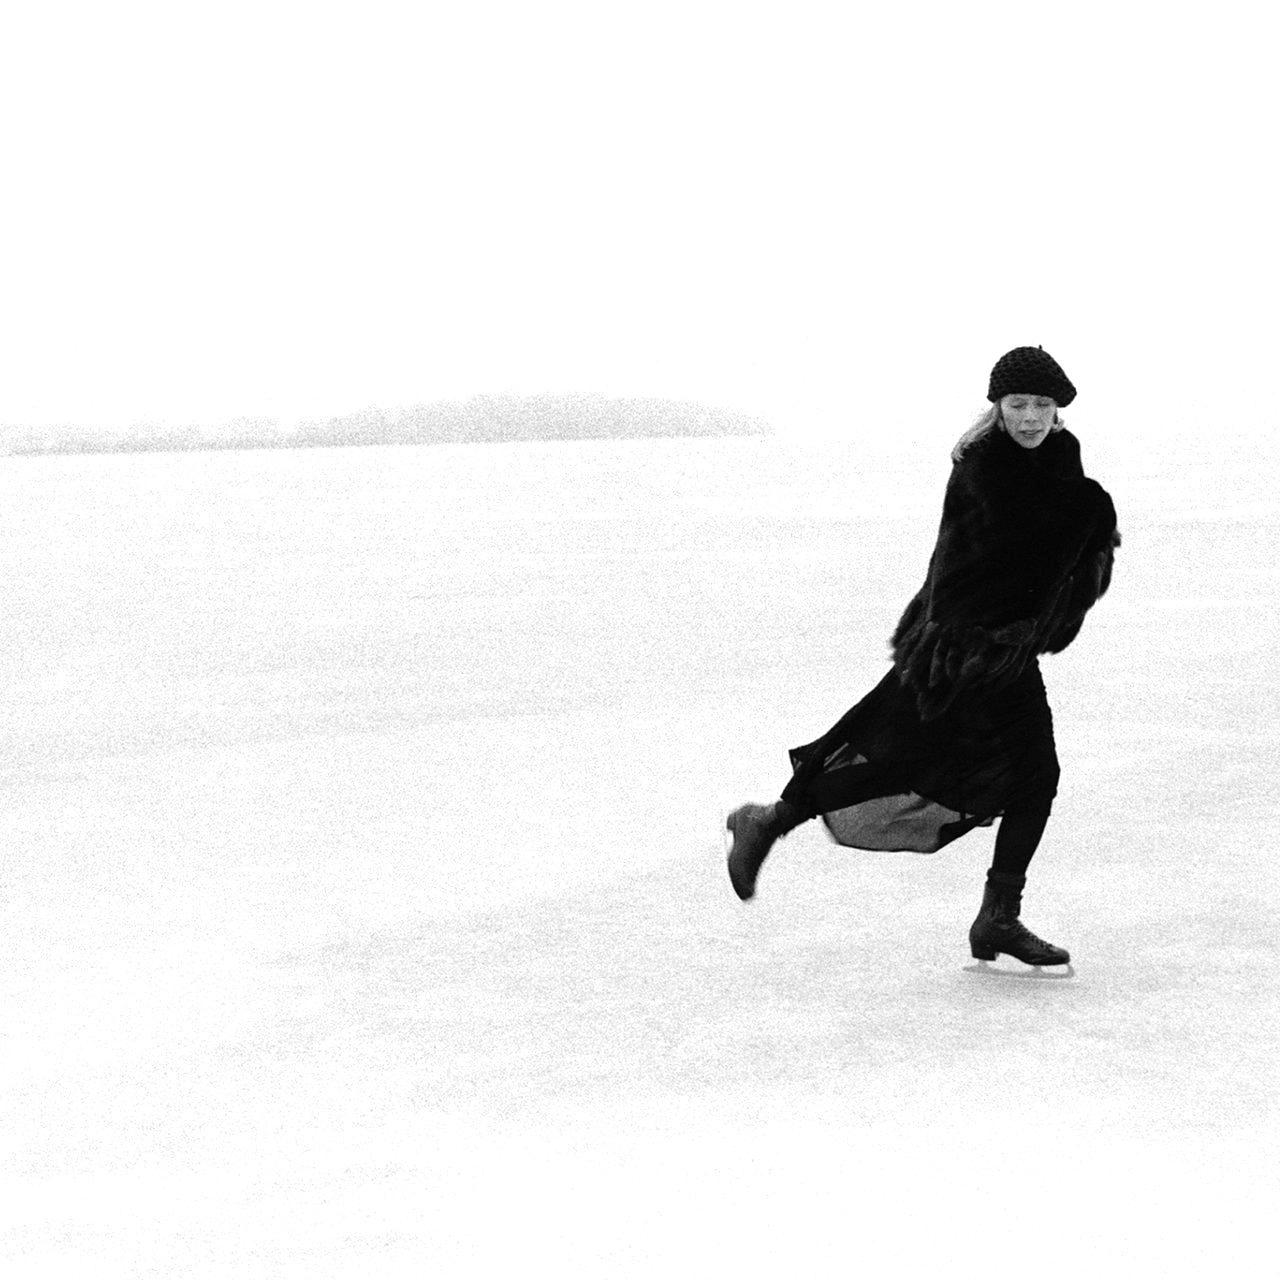 Ravageuses ice skate. | Joni Mi - lesravageurs | ello